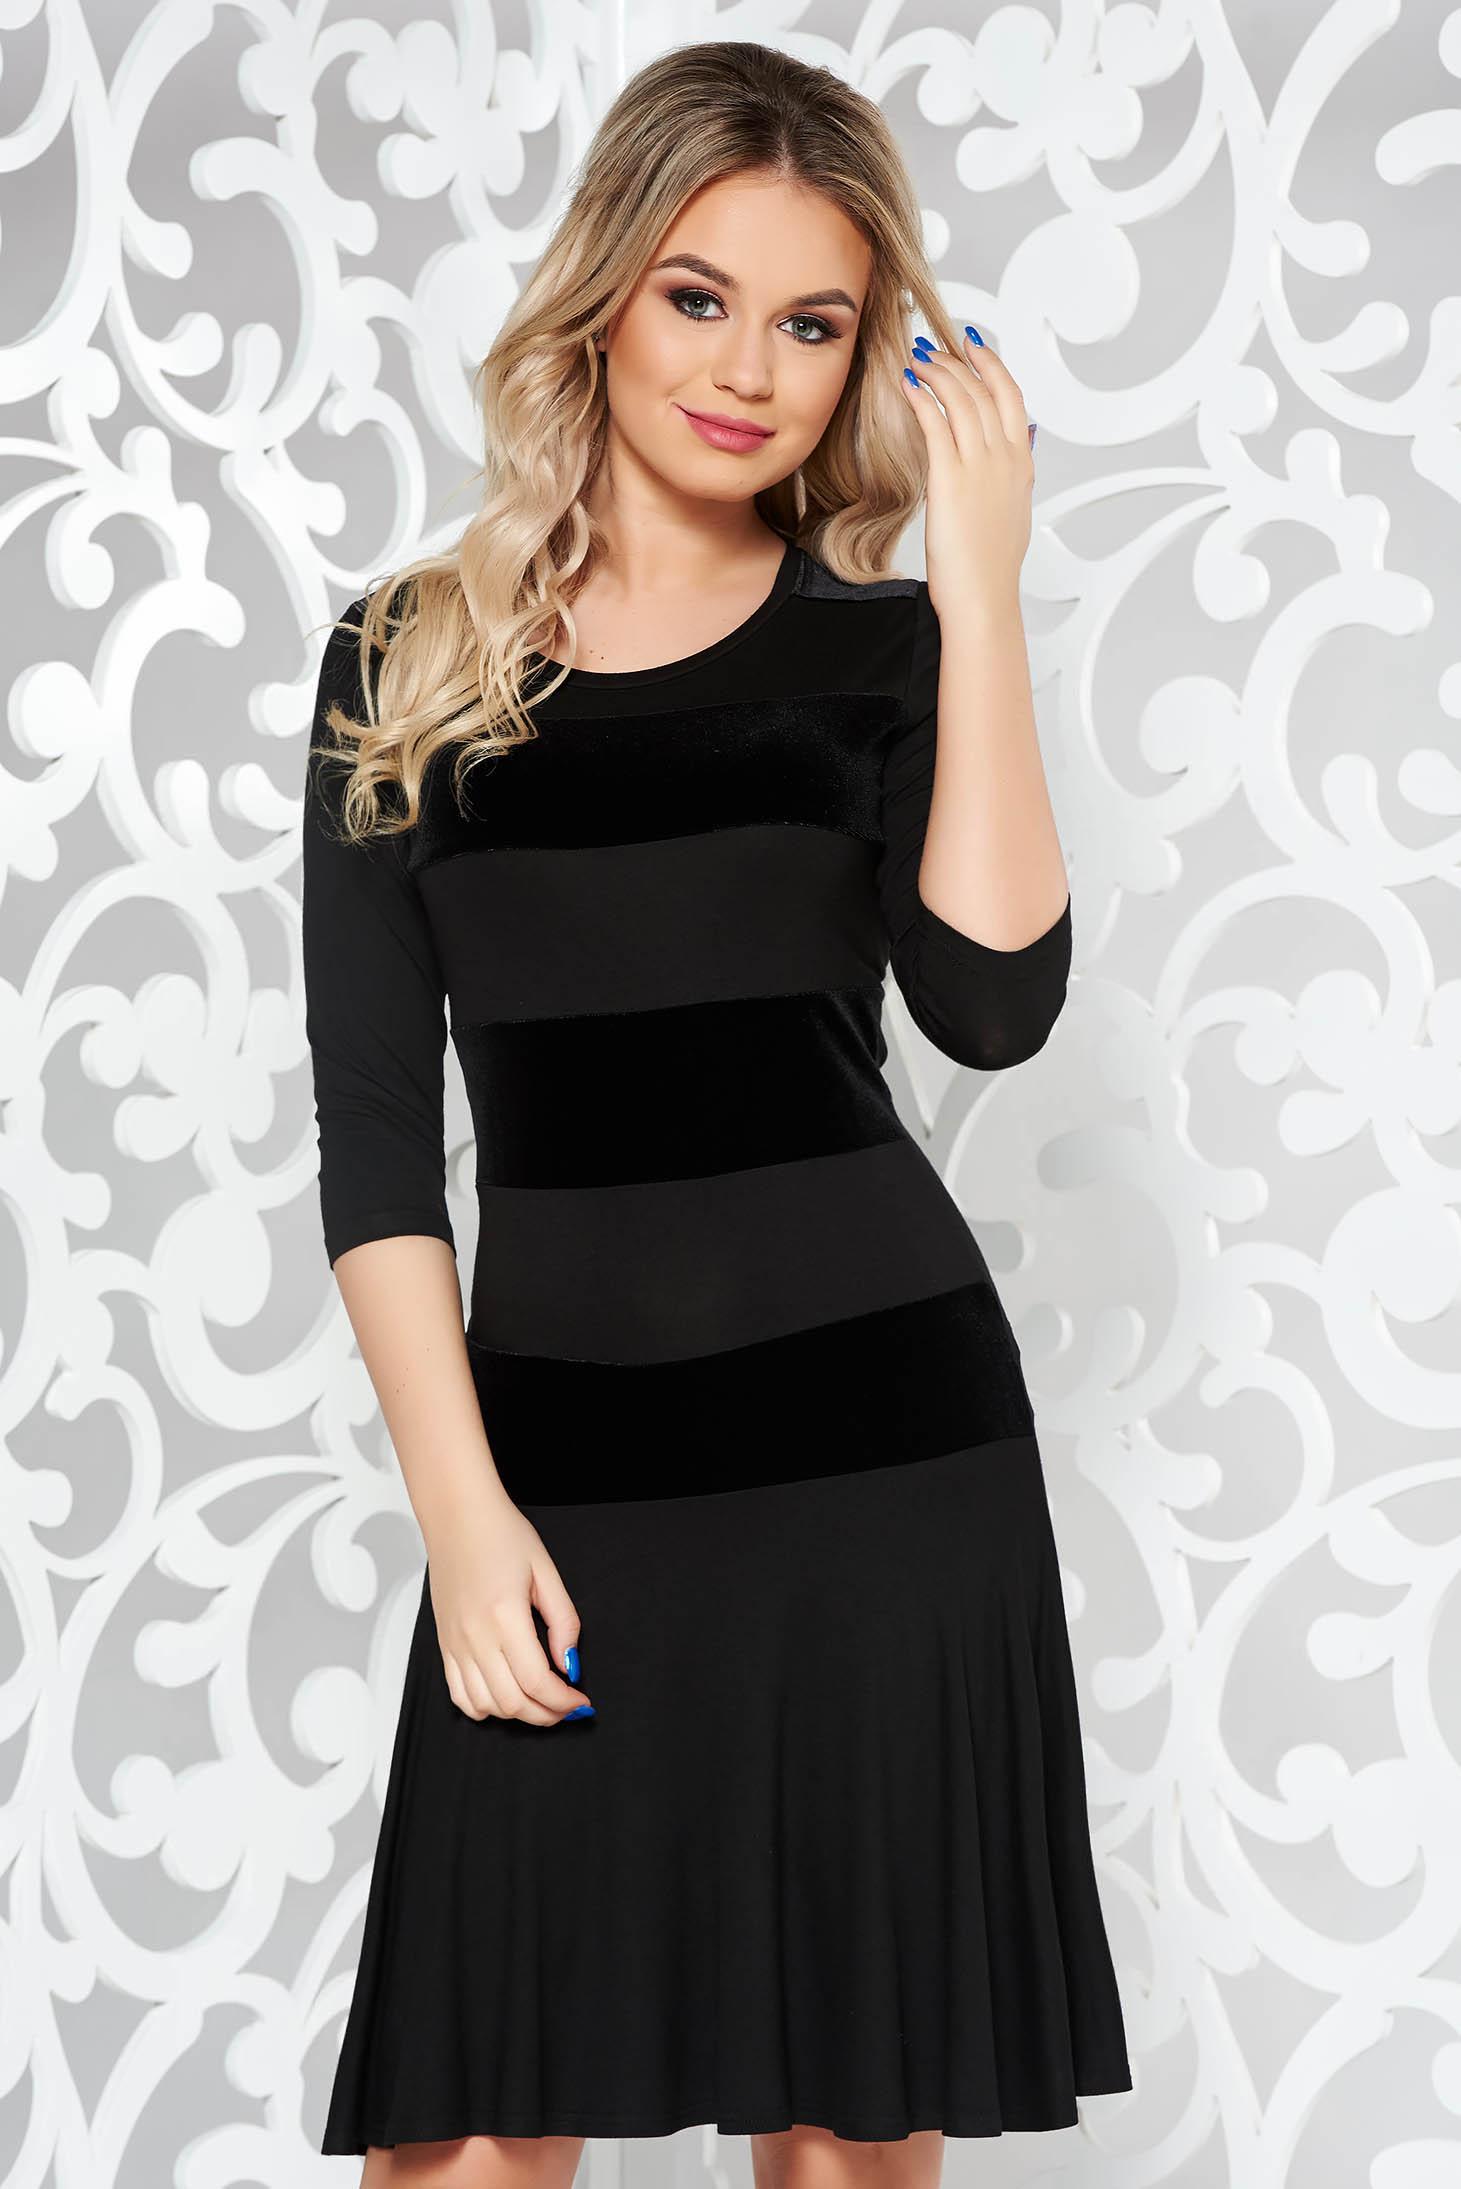 Fekete rövid 3 4-es ujjú ruha finom tapintású anyag fodrok a ruha alján 96411aabde